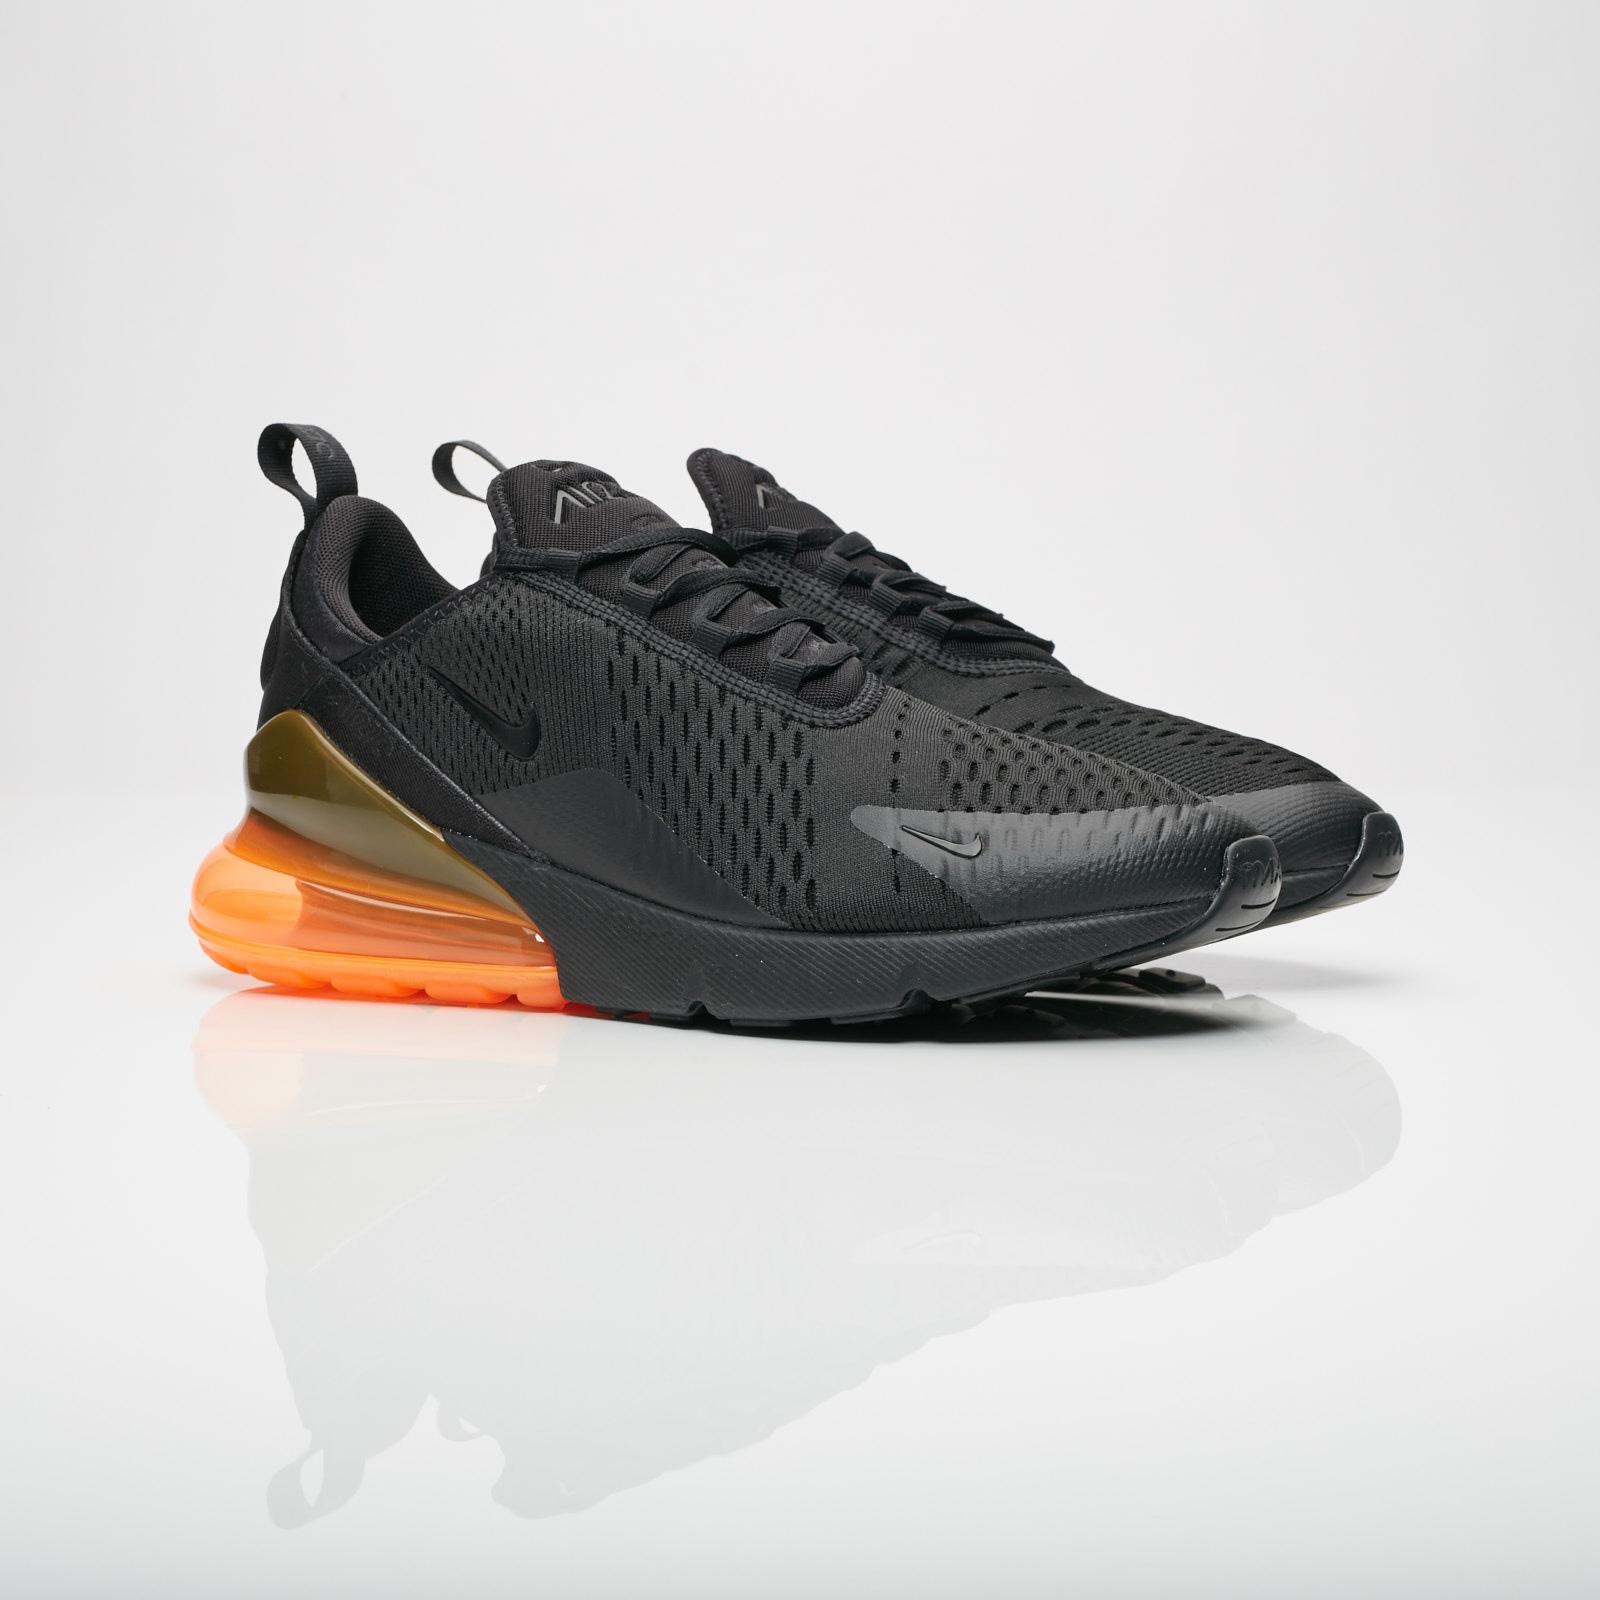 Nike Air Max 270 Ah8050 008 Sneakersnstuff sneakers  sneakers